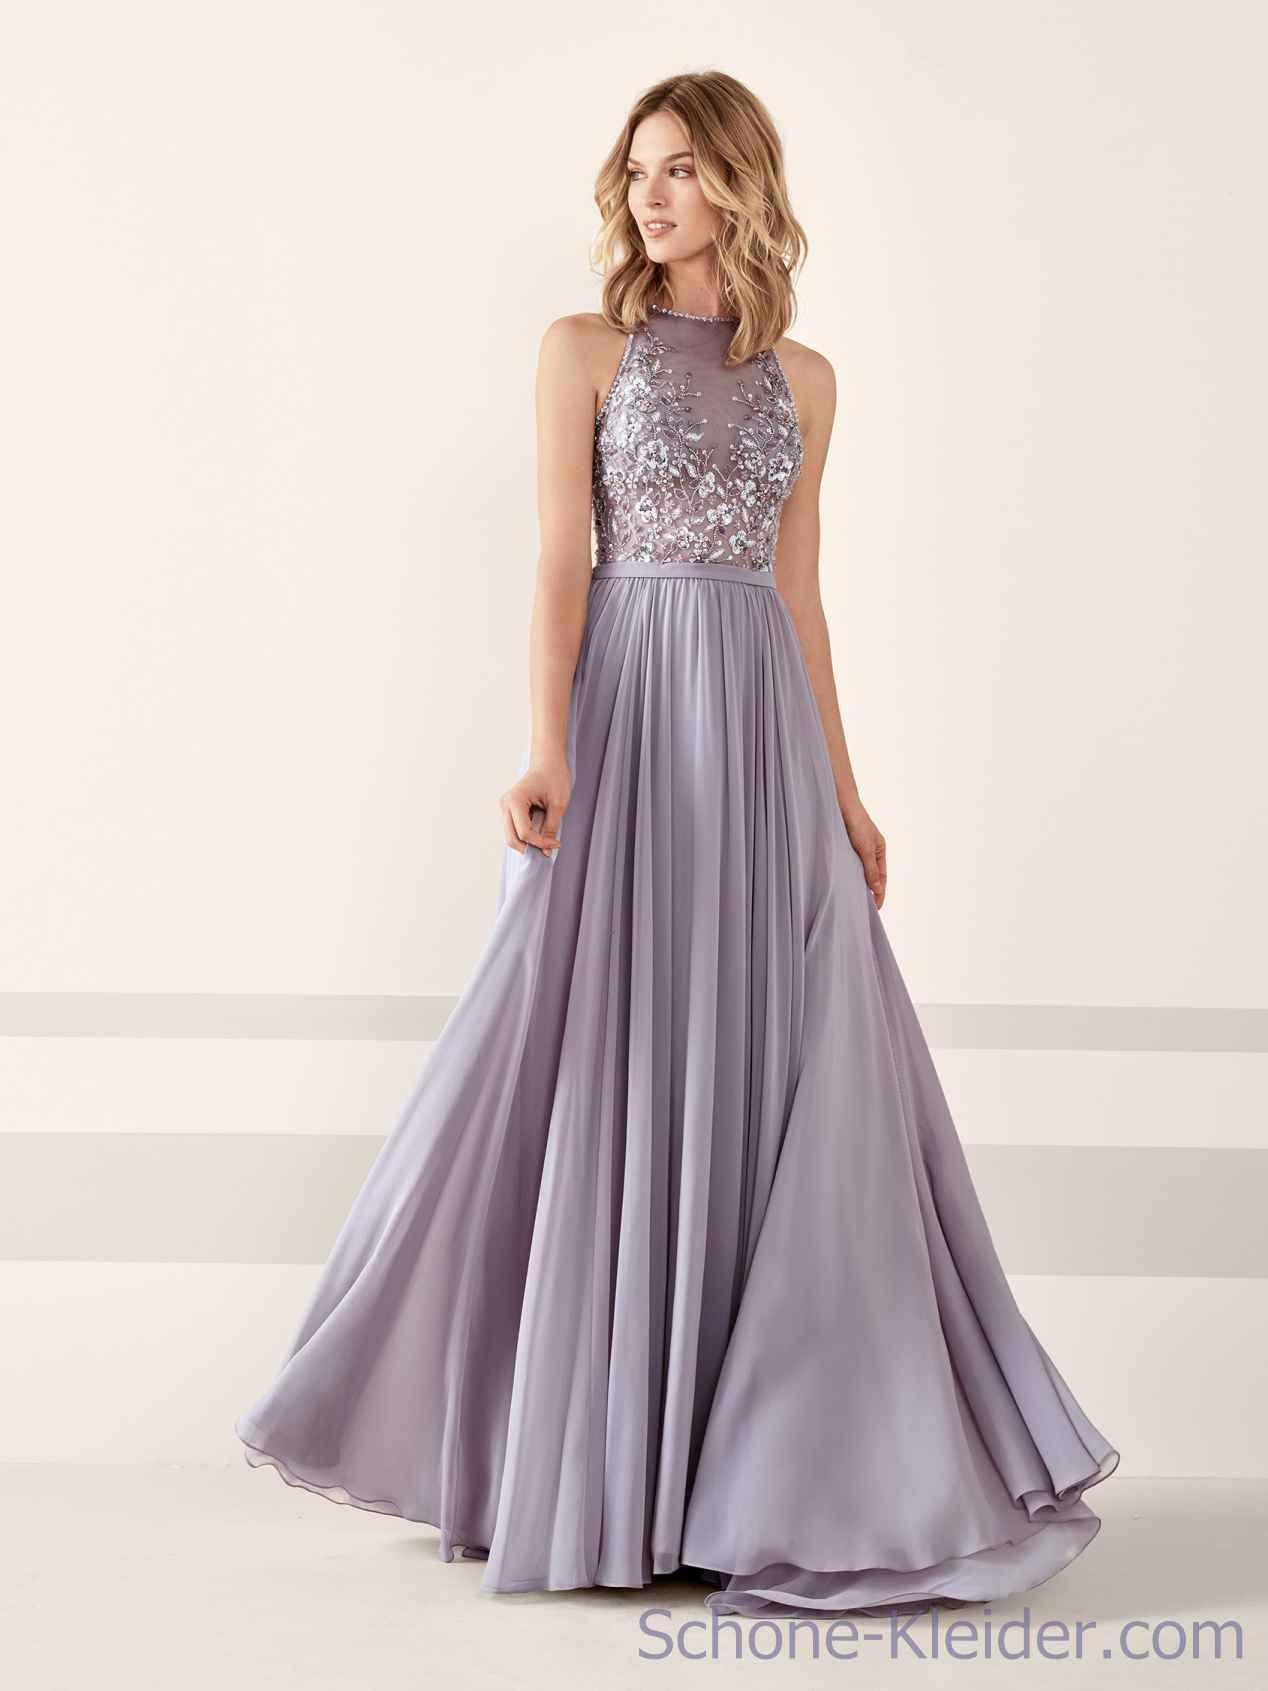 15 Spektakulär Festliche Abendbekleidung Damen BoutiqueFormal Perfekt Festliche Abendbekleidung Damen Boutique